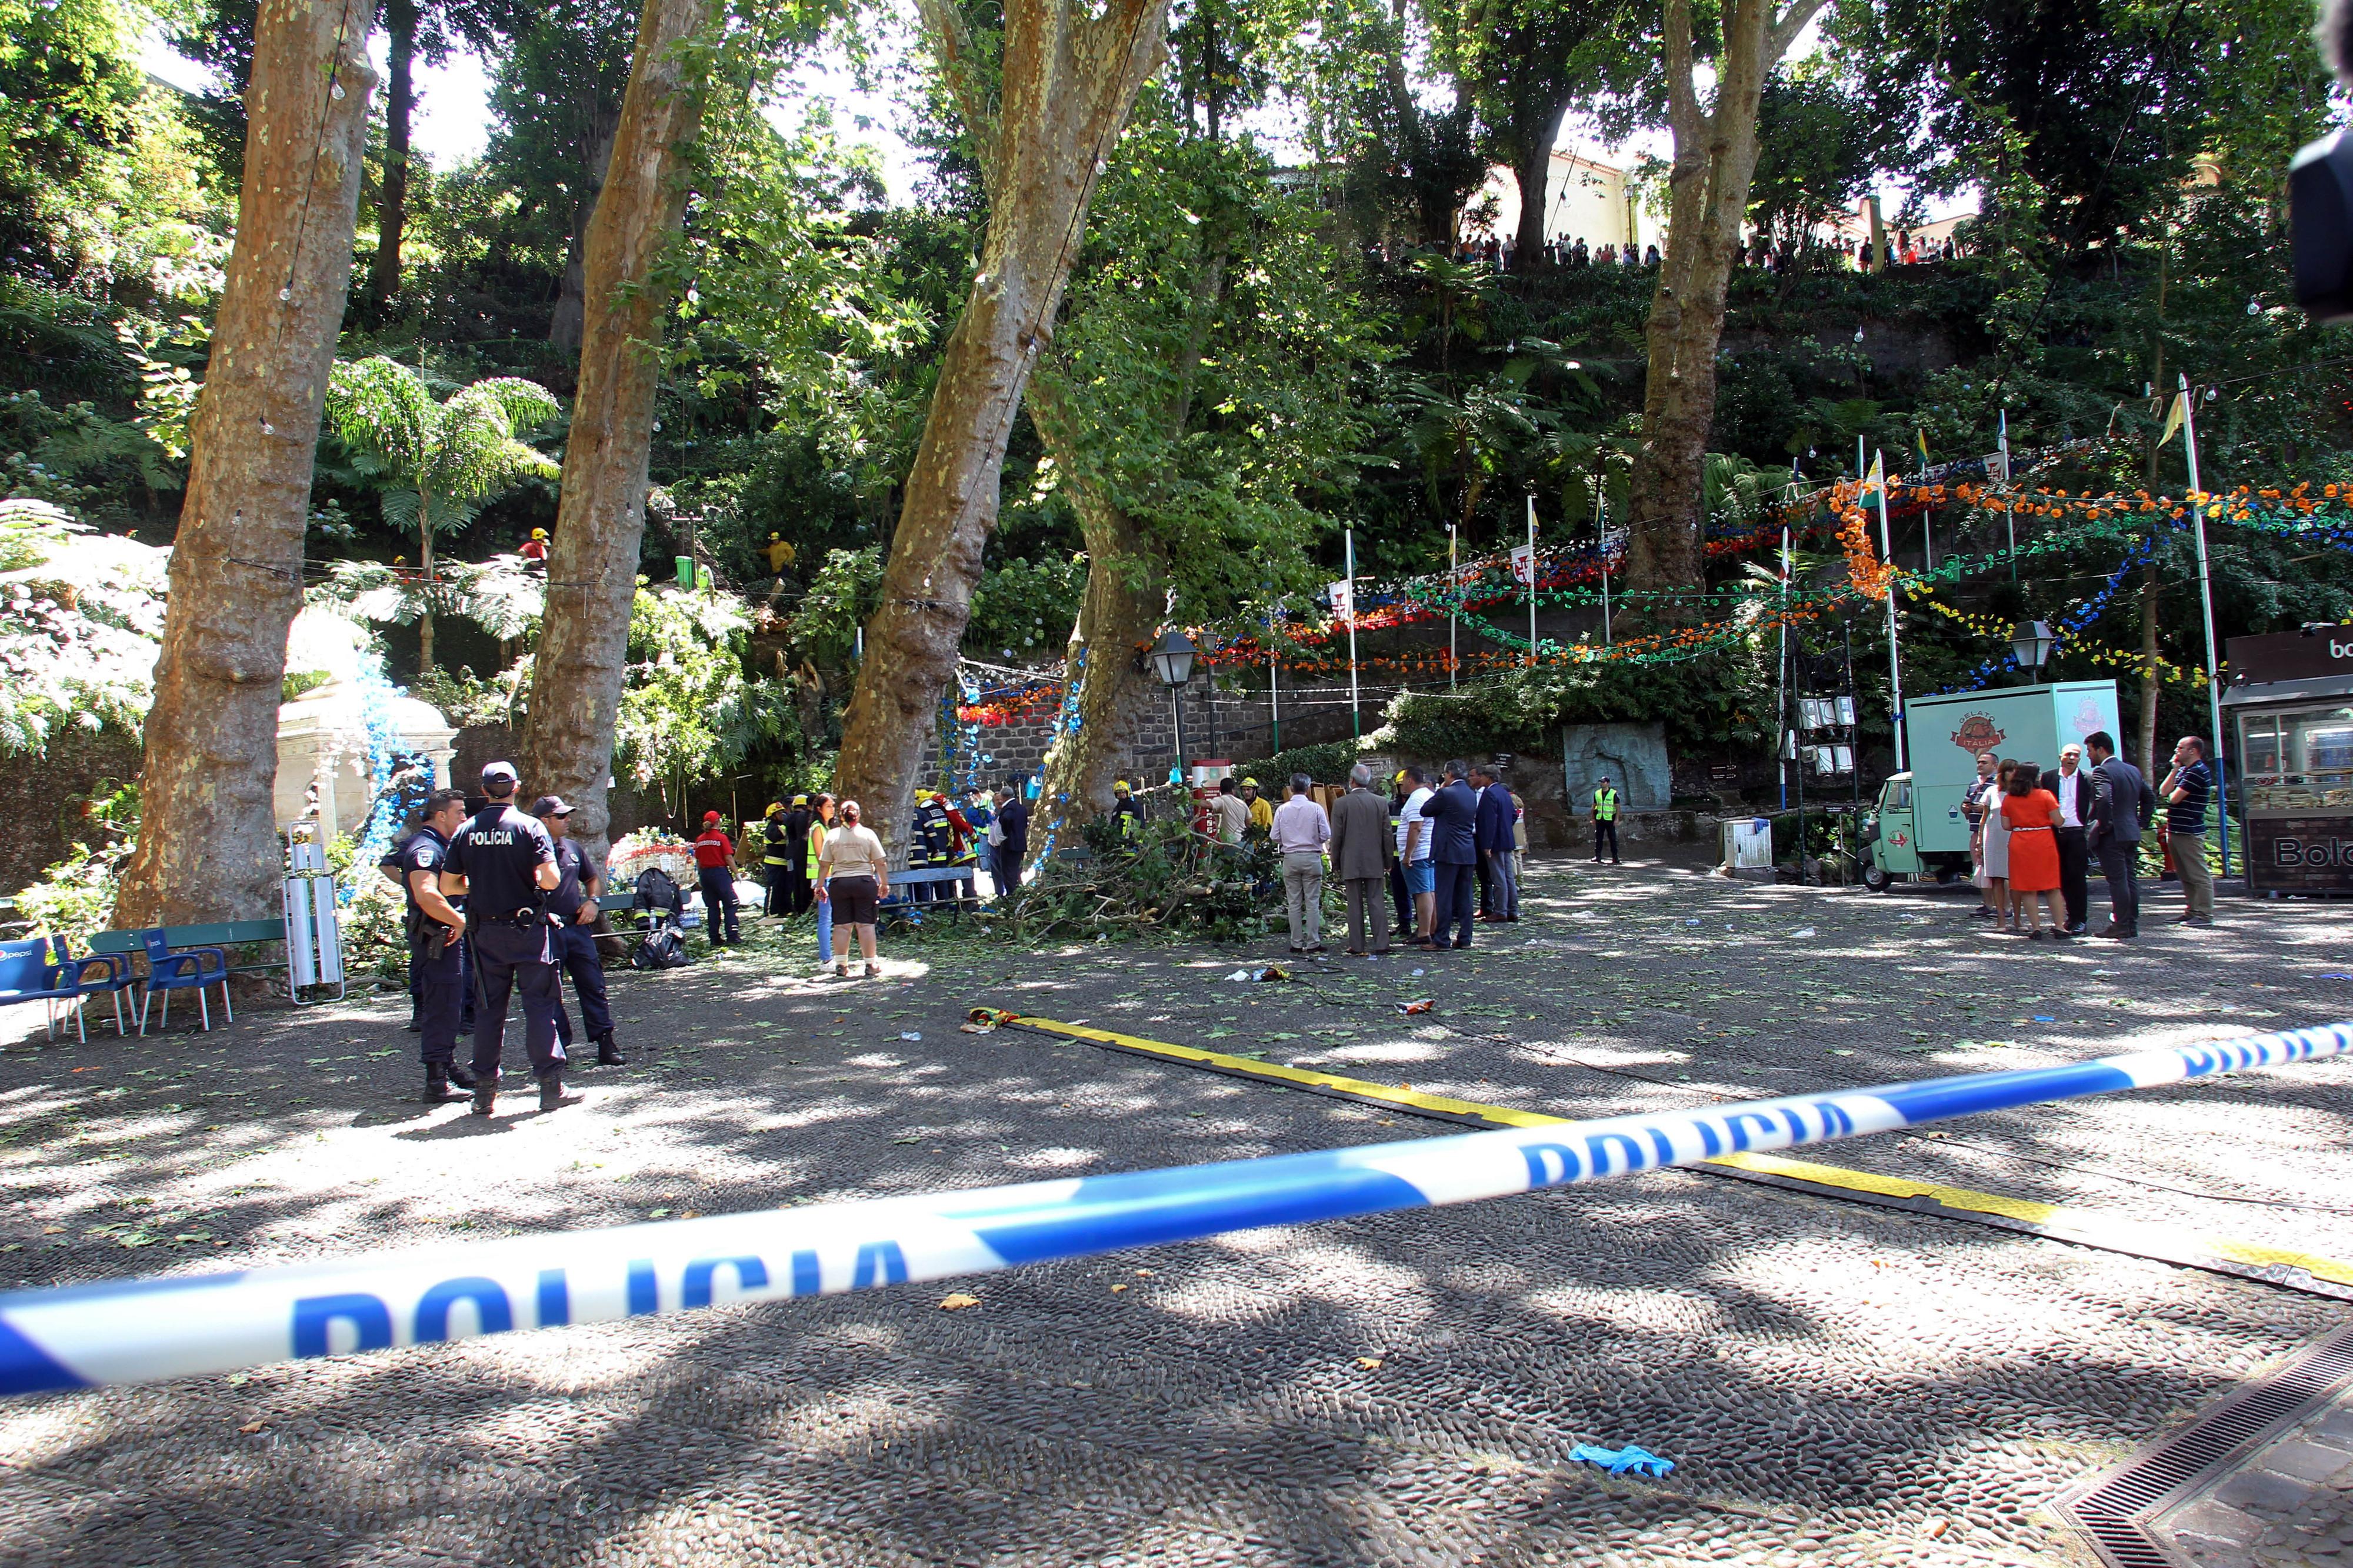 Dia da Cidade do Funchal marcado pela tragédia do Monte que fez 13 mortos